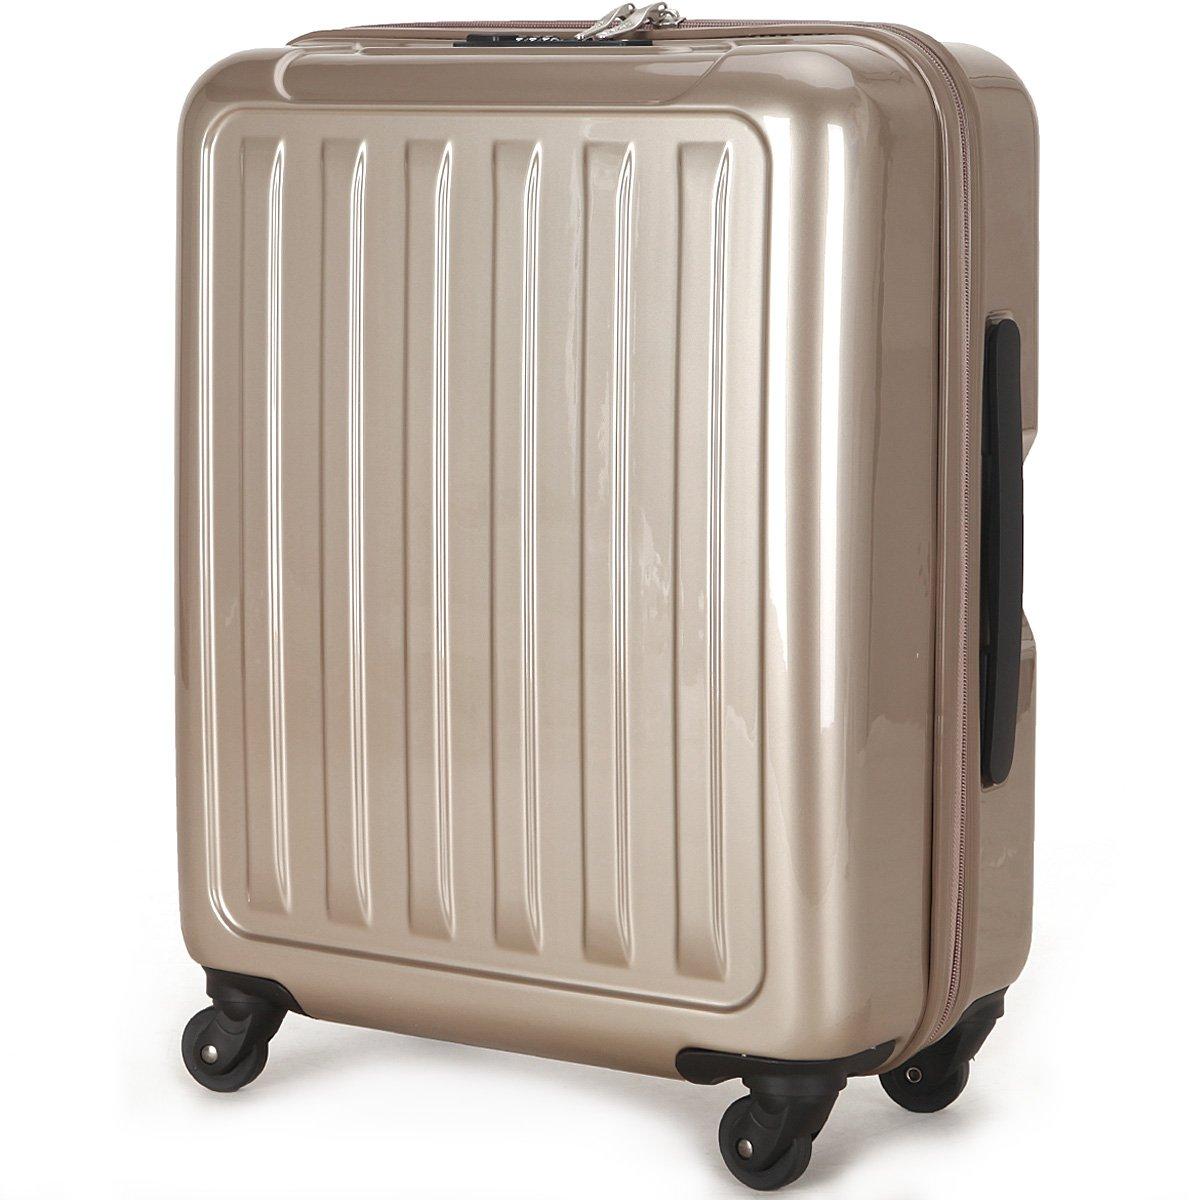 (ラッキーパンダ) Luckypanda 一年修理保証付 TY8048 スーツケース 機内持込 超軽量 40l 大容量 tsaロック B00YBV100I シャンパンゴールド シャンパンゴールド